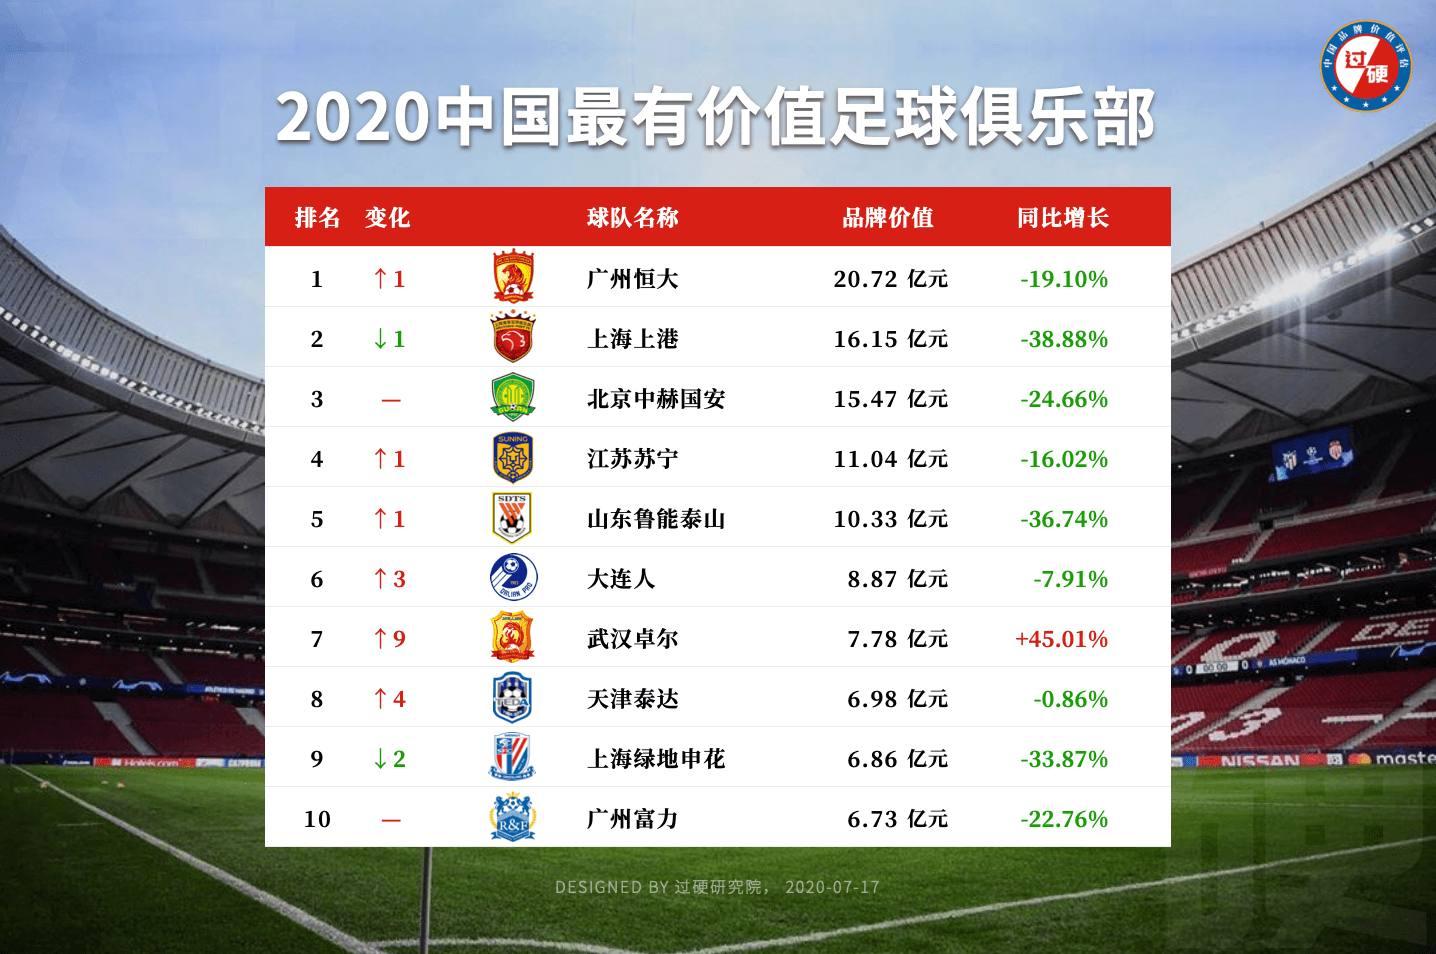 国内十大最有价值足球队最新排名:恒大反超上港重登榜首,国安第三